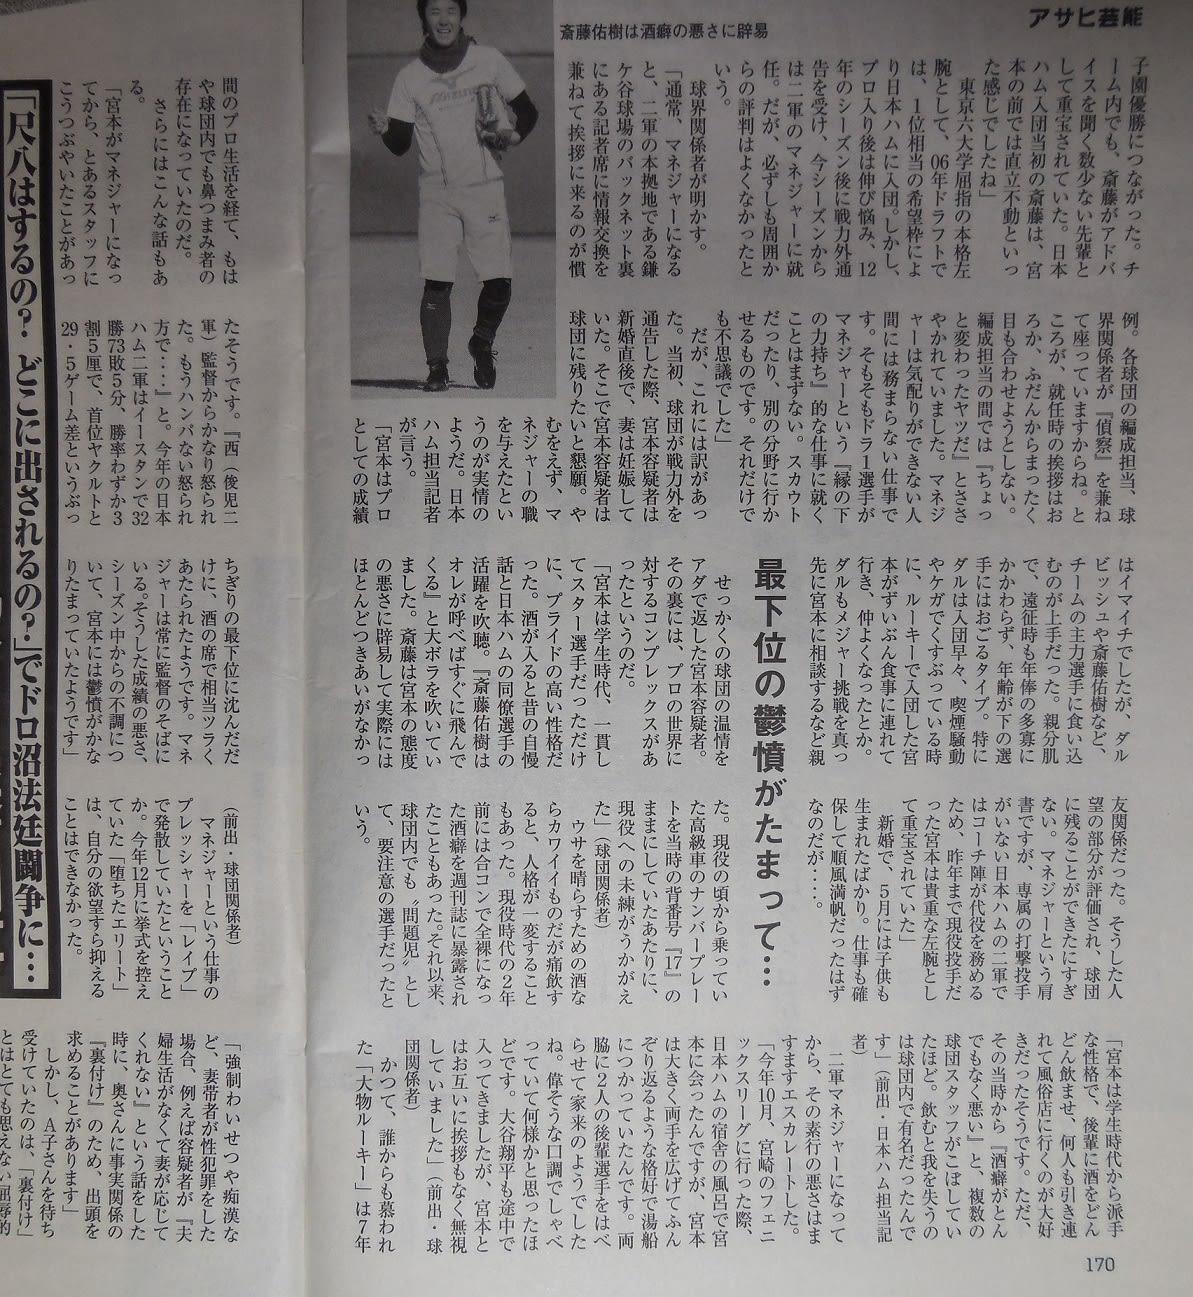 元日本ハムの宮本被告に懲役5年求刑 路上で女性に乱暴したなどとして、強...  アルコール・カフ